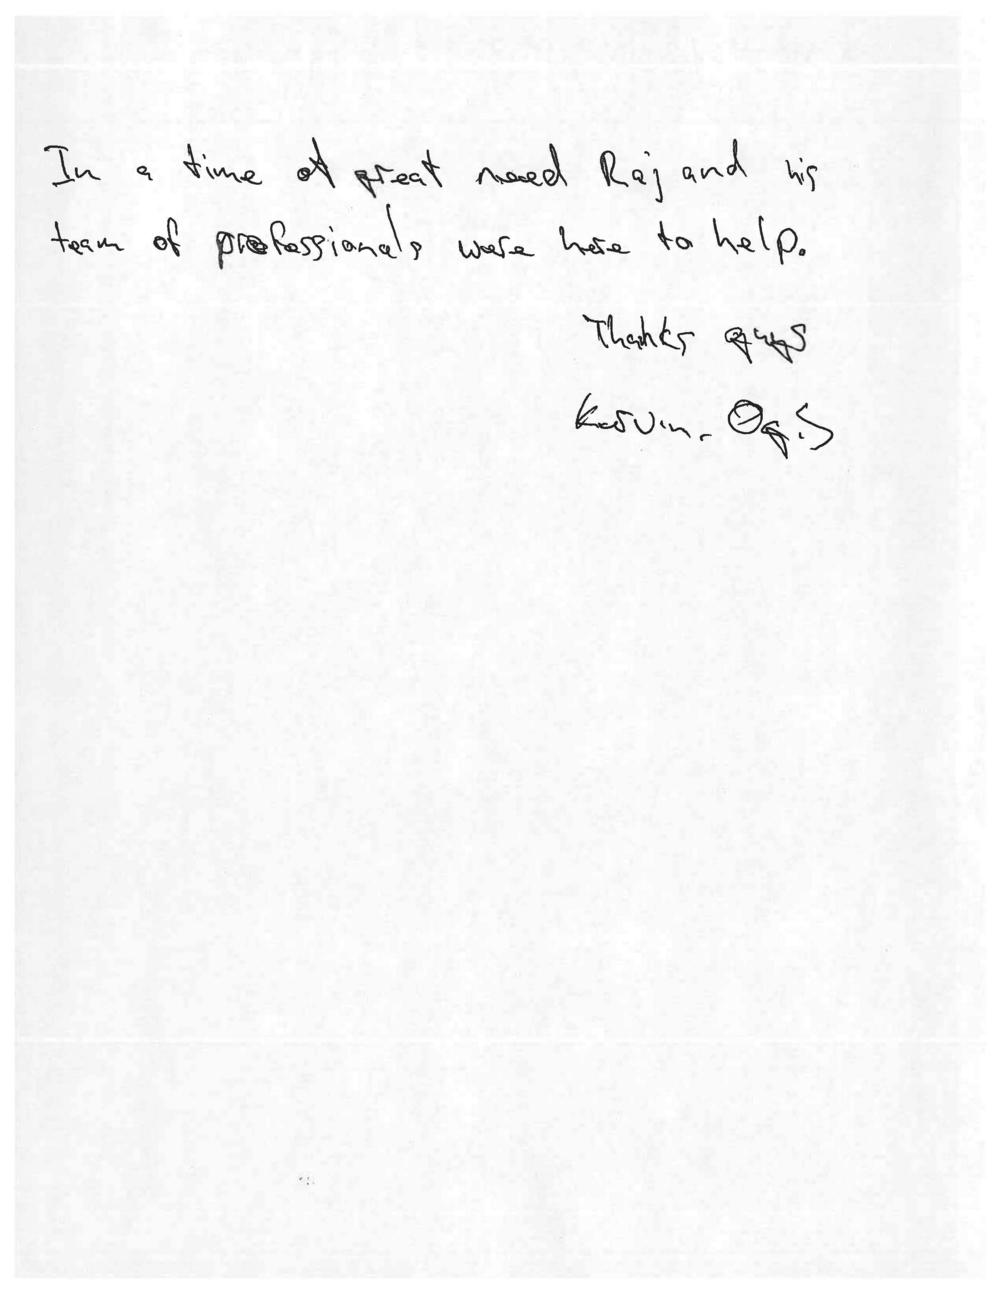 Shantell Skerrette_Testimonial.jpg